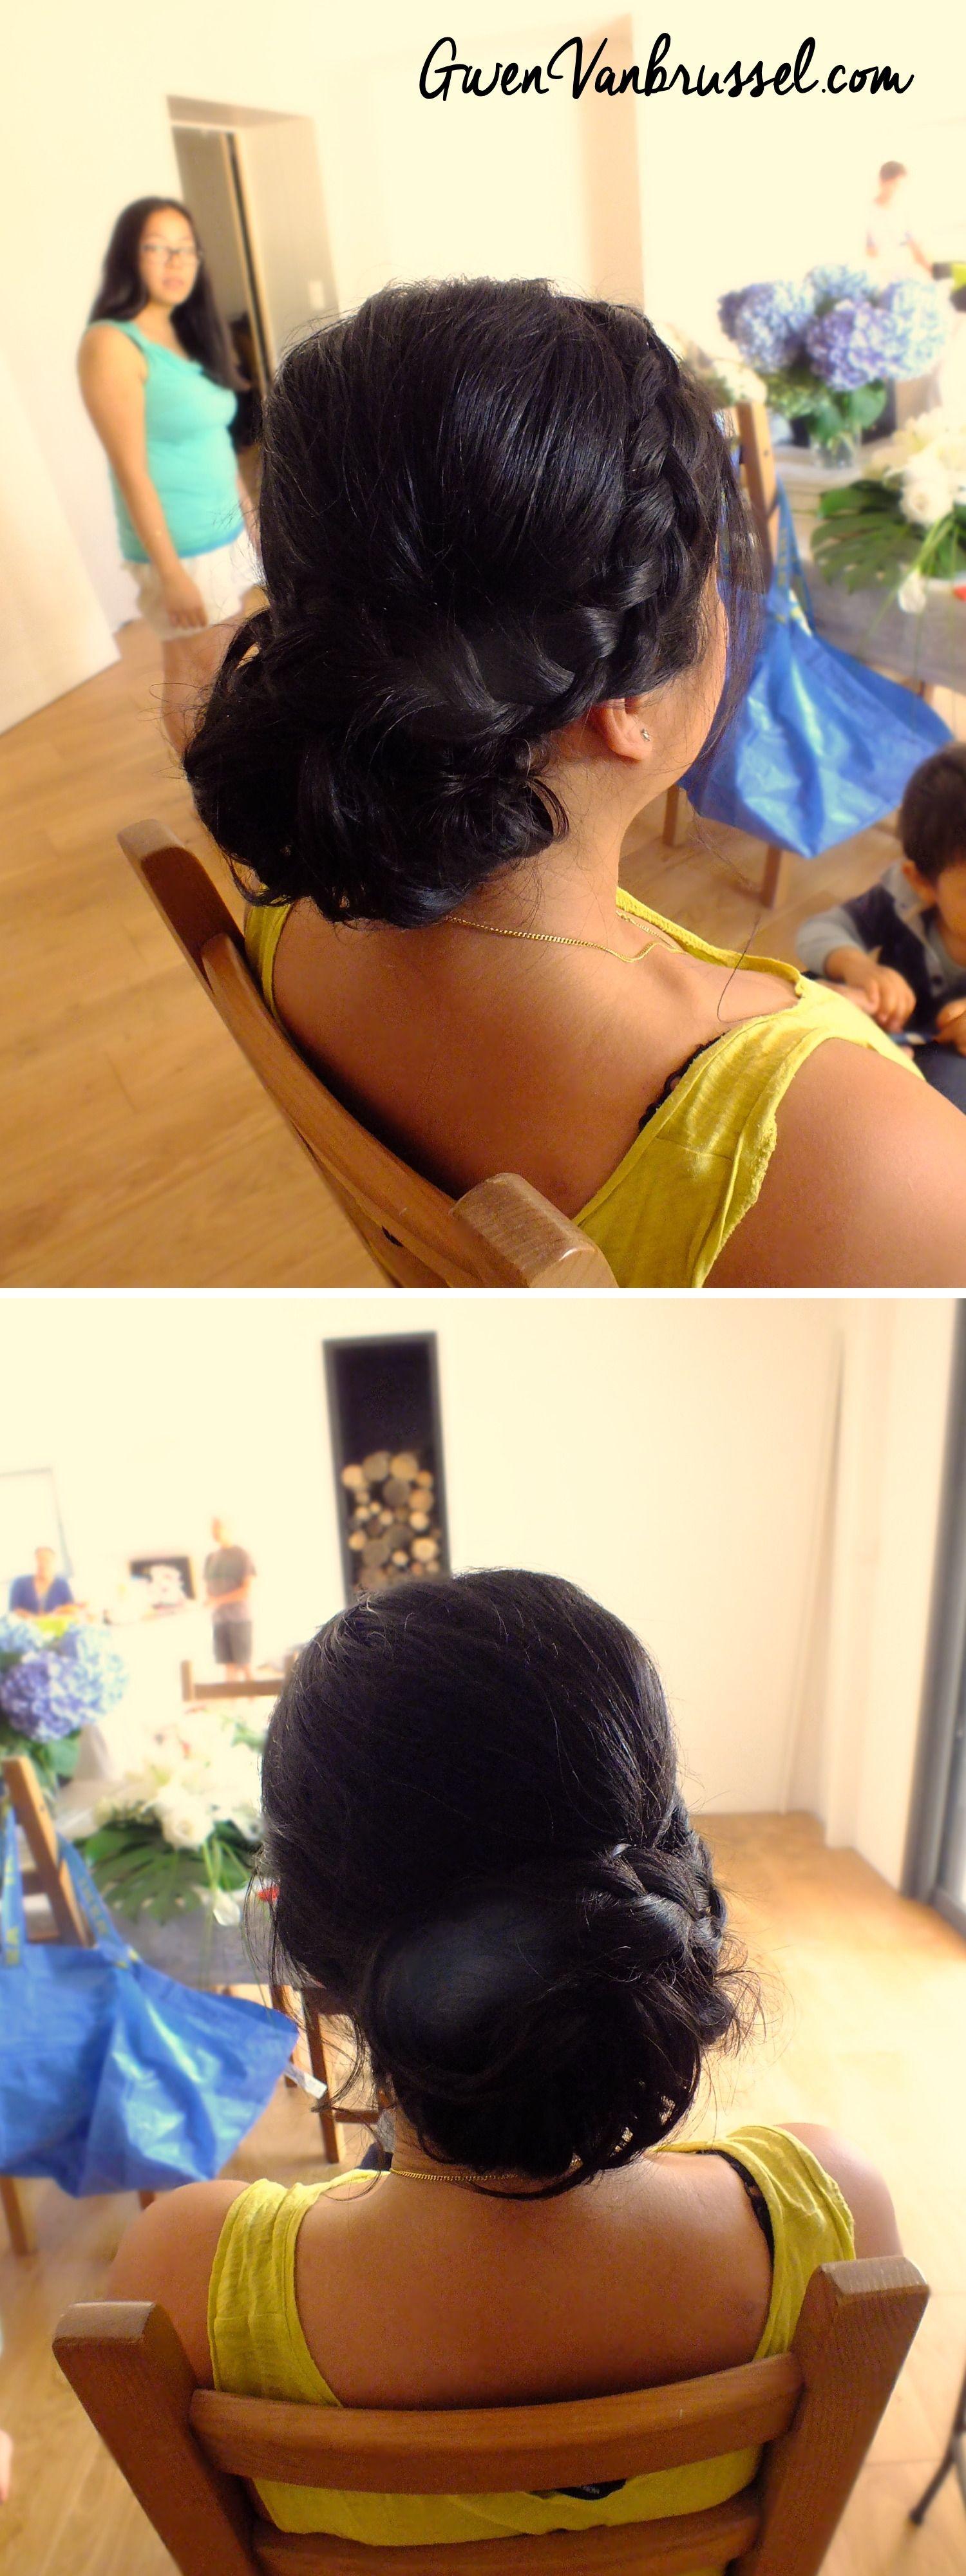 Chignon bas bouclé et tresse sur le côté - Par Gwen Vanbrussel | Chignon mariée, Chignon bas ...